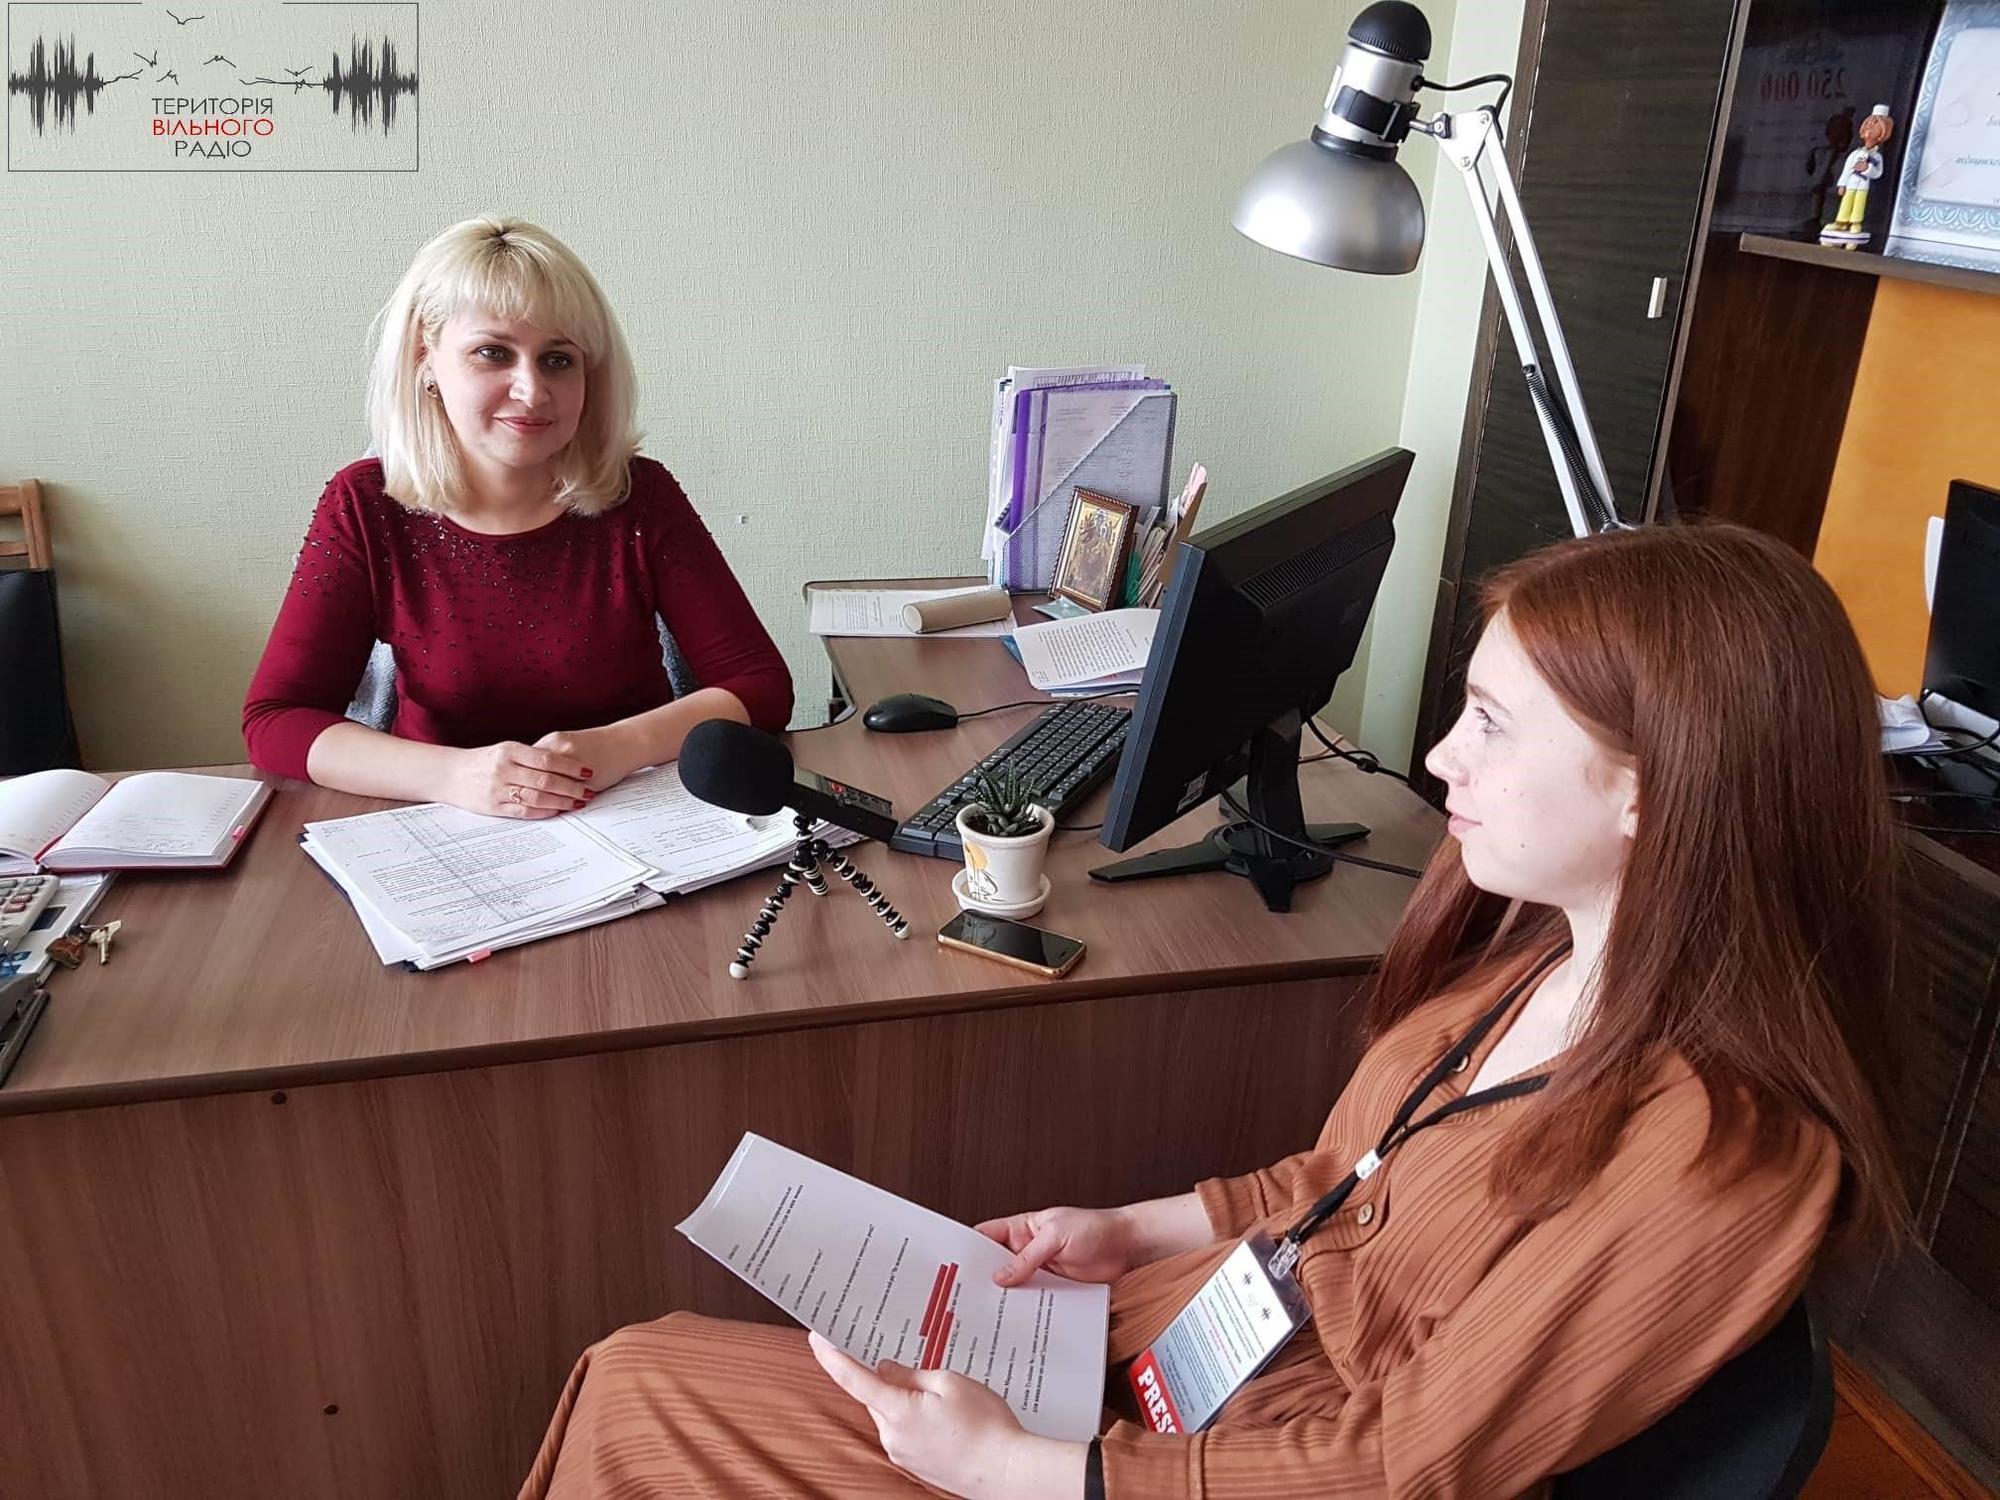 Інтерв'ю з Оленою Мироновою